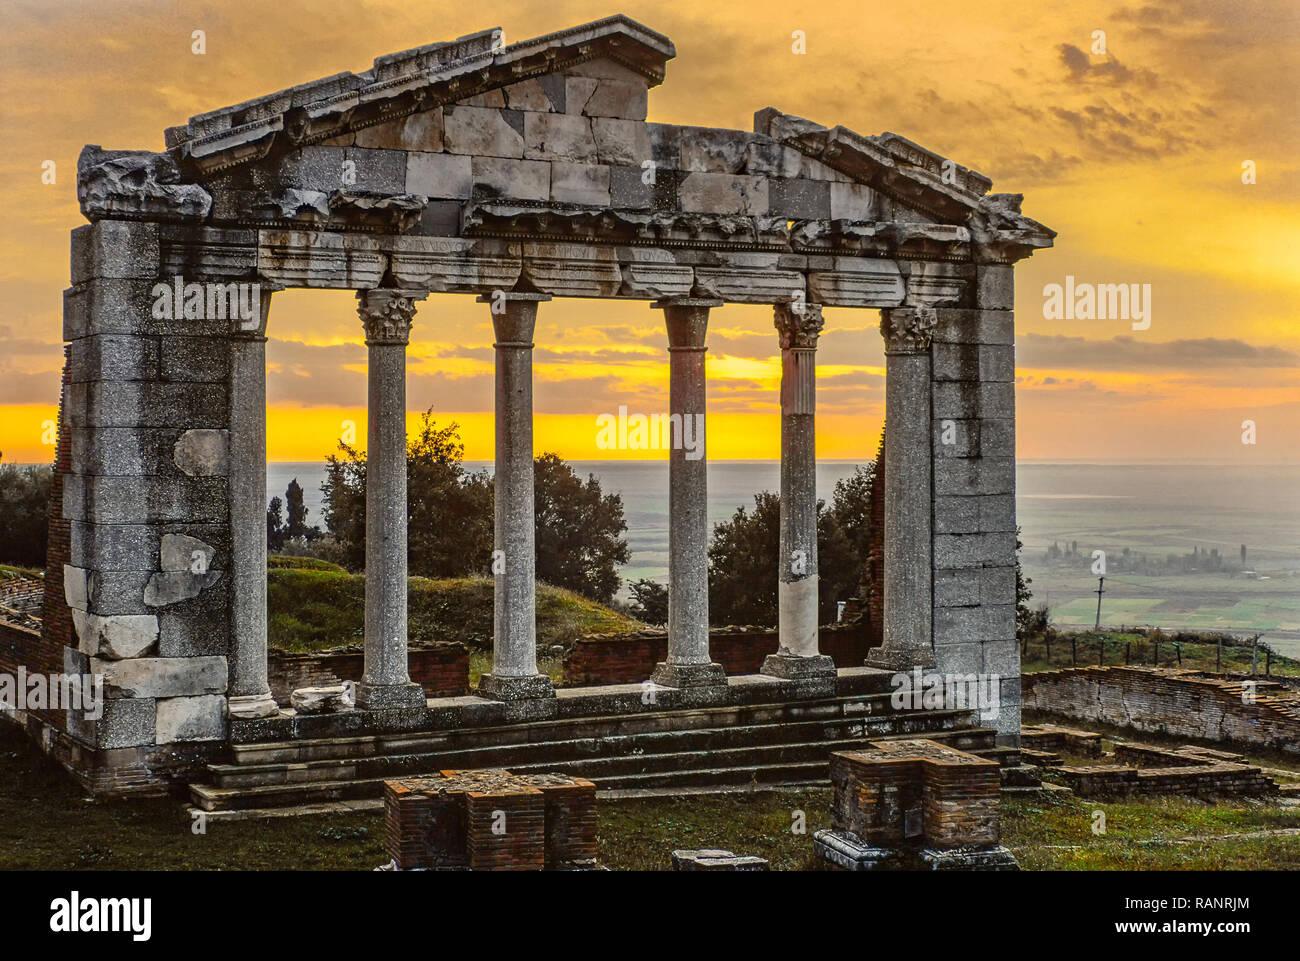 Lever du soleil dans l'ancienne ville d'Apollonia. L'Albanie Photo Stock